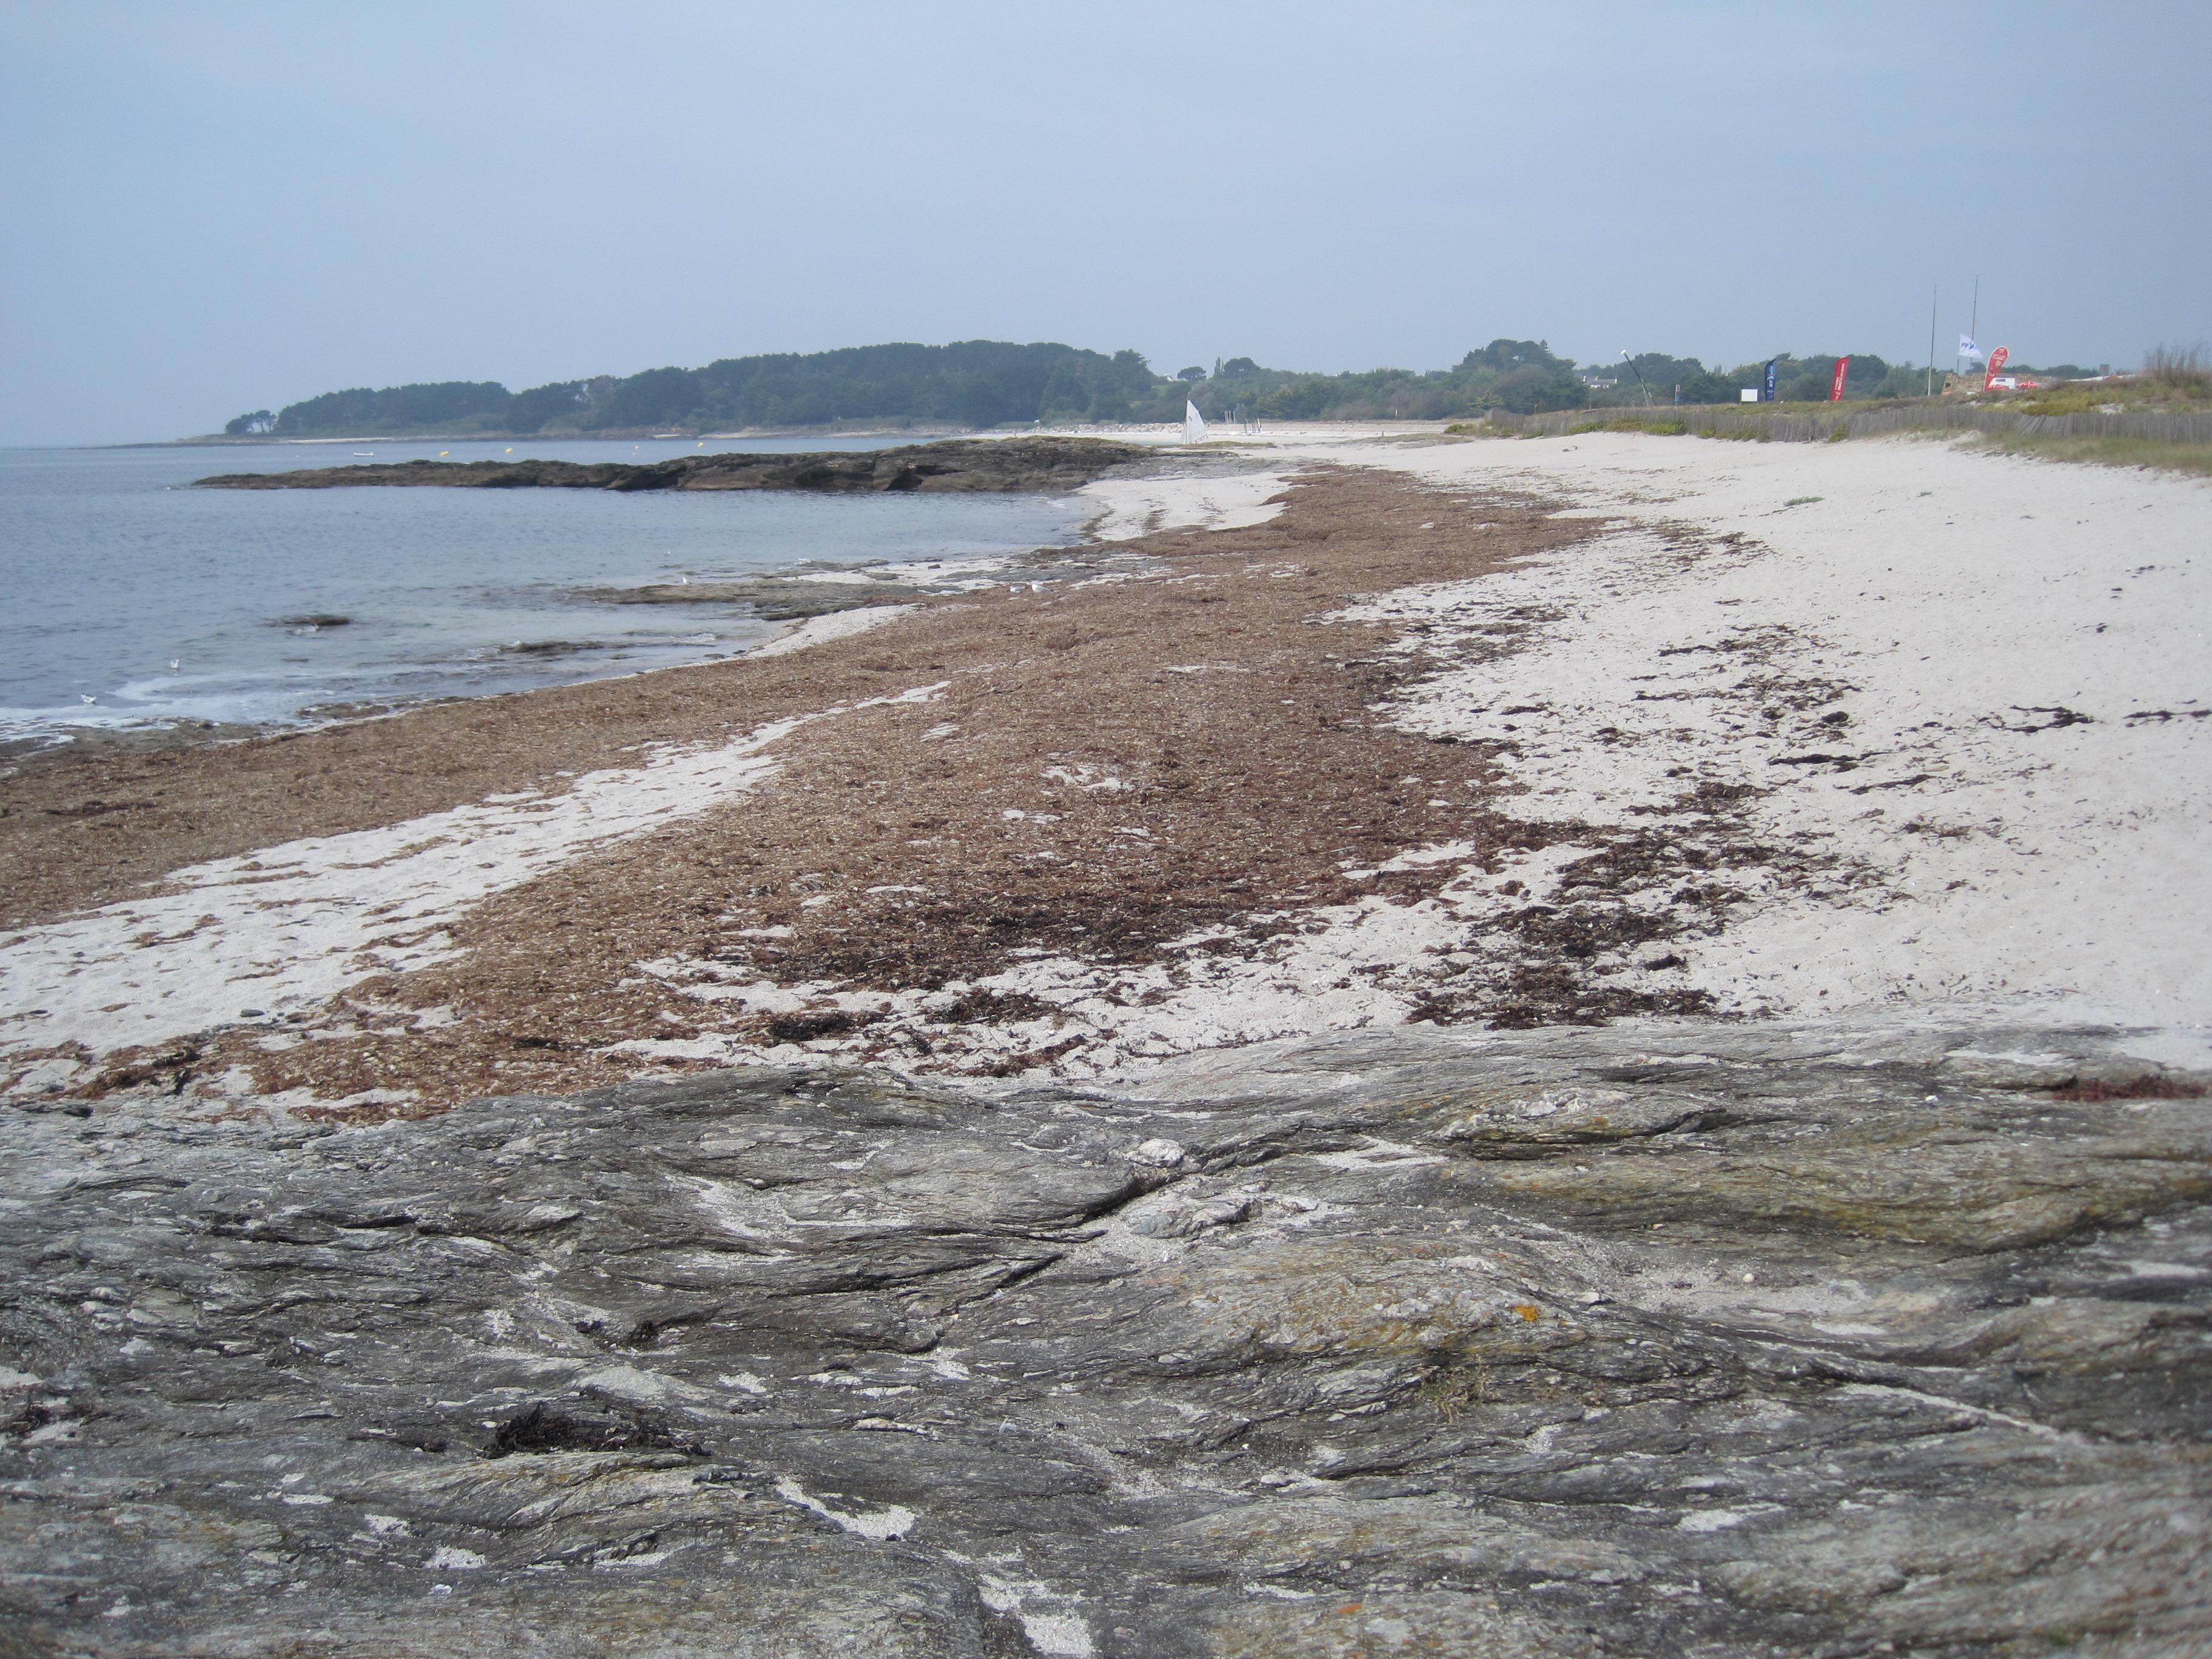 Nettoyage de la plage Saint-Jacques (Sarzeau, 56)